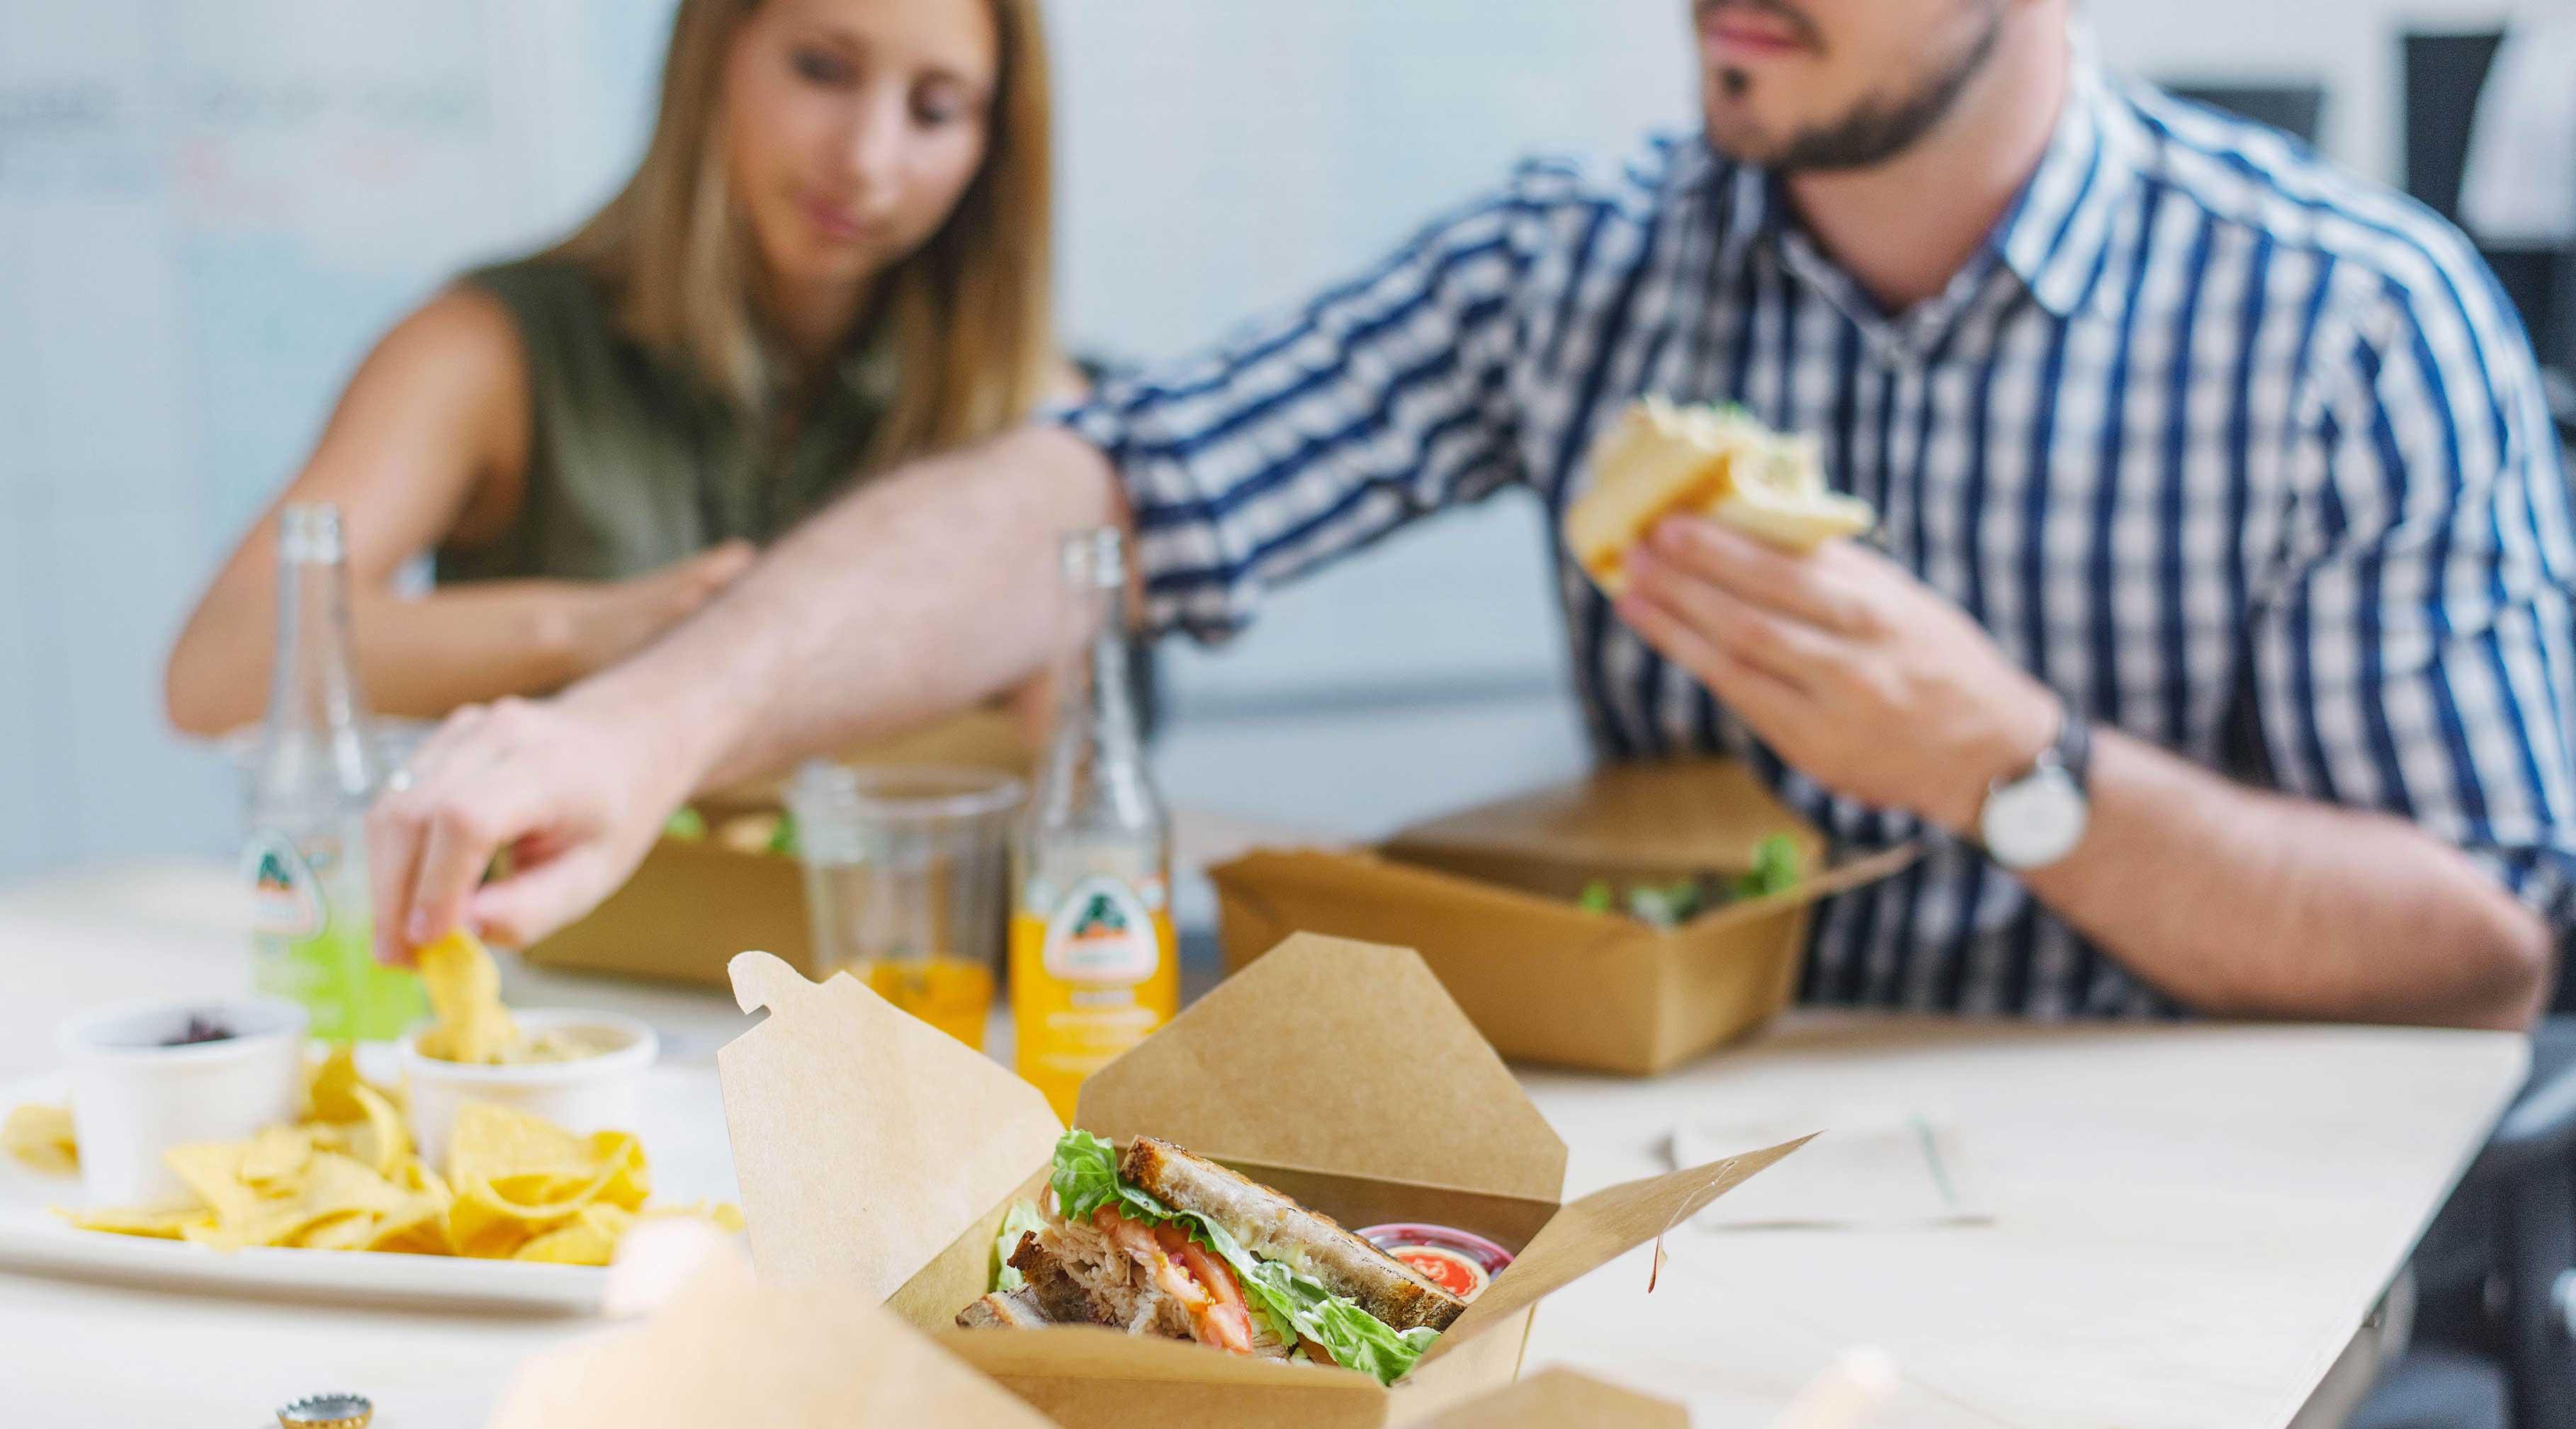 آداب غذا خوردن در شرکت